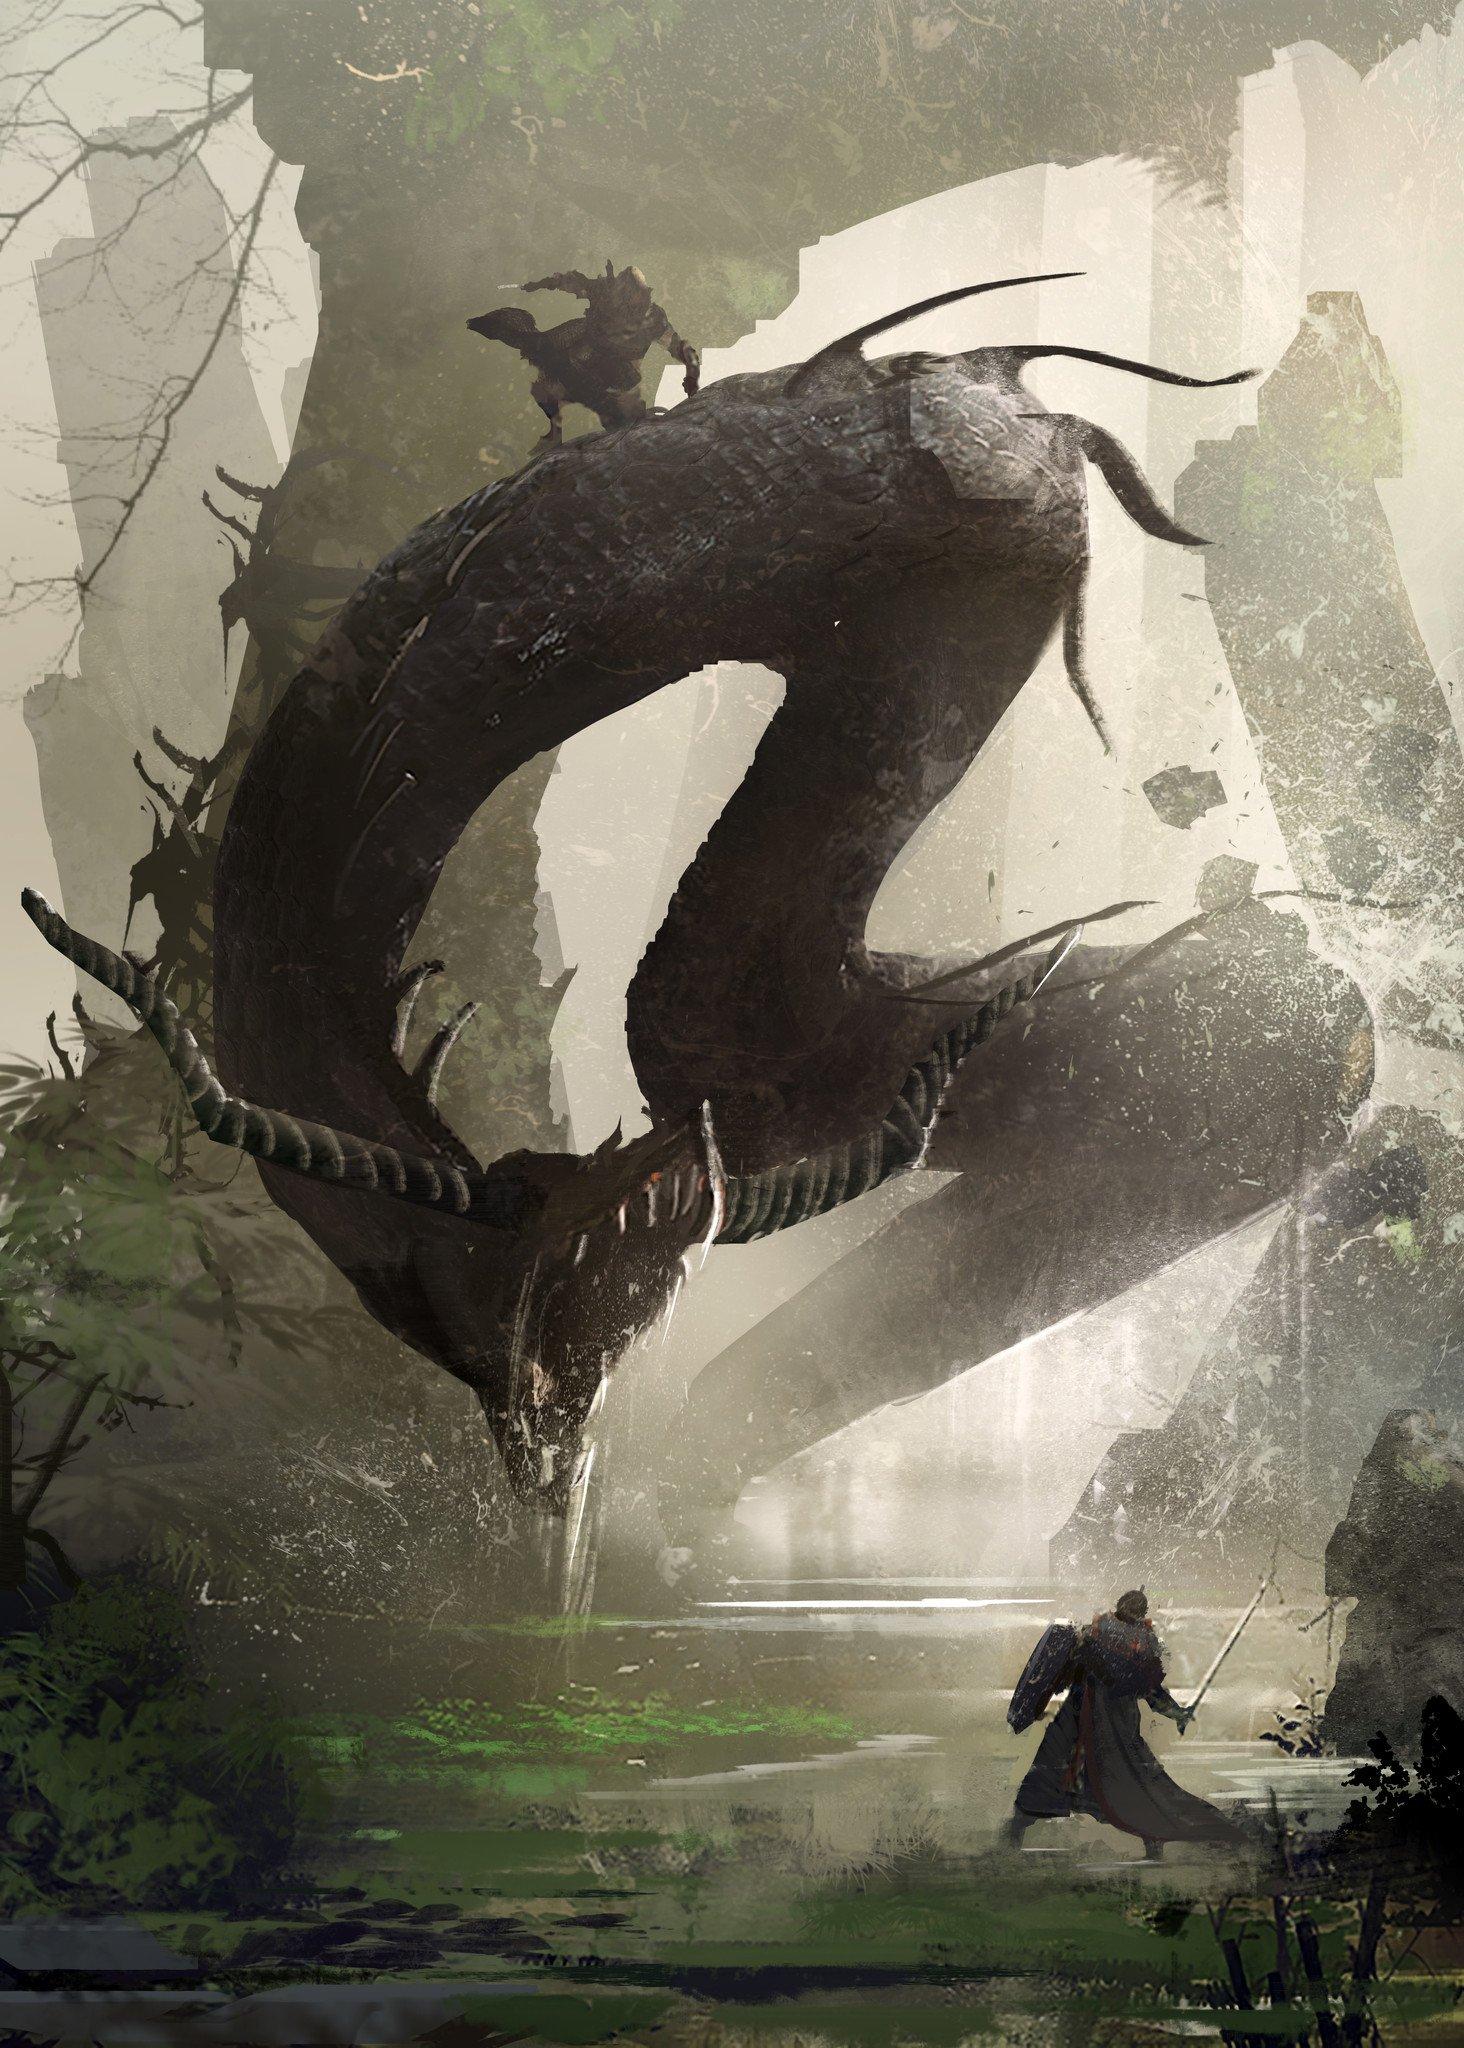 Symbaroum - the RPG